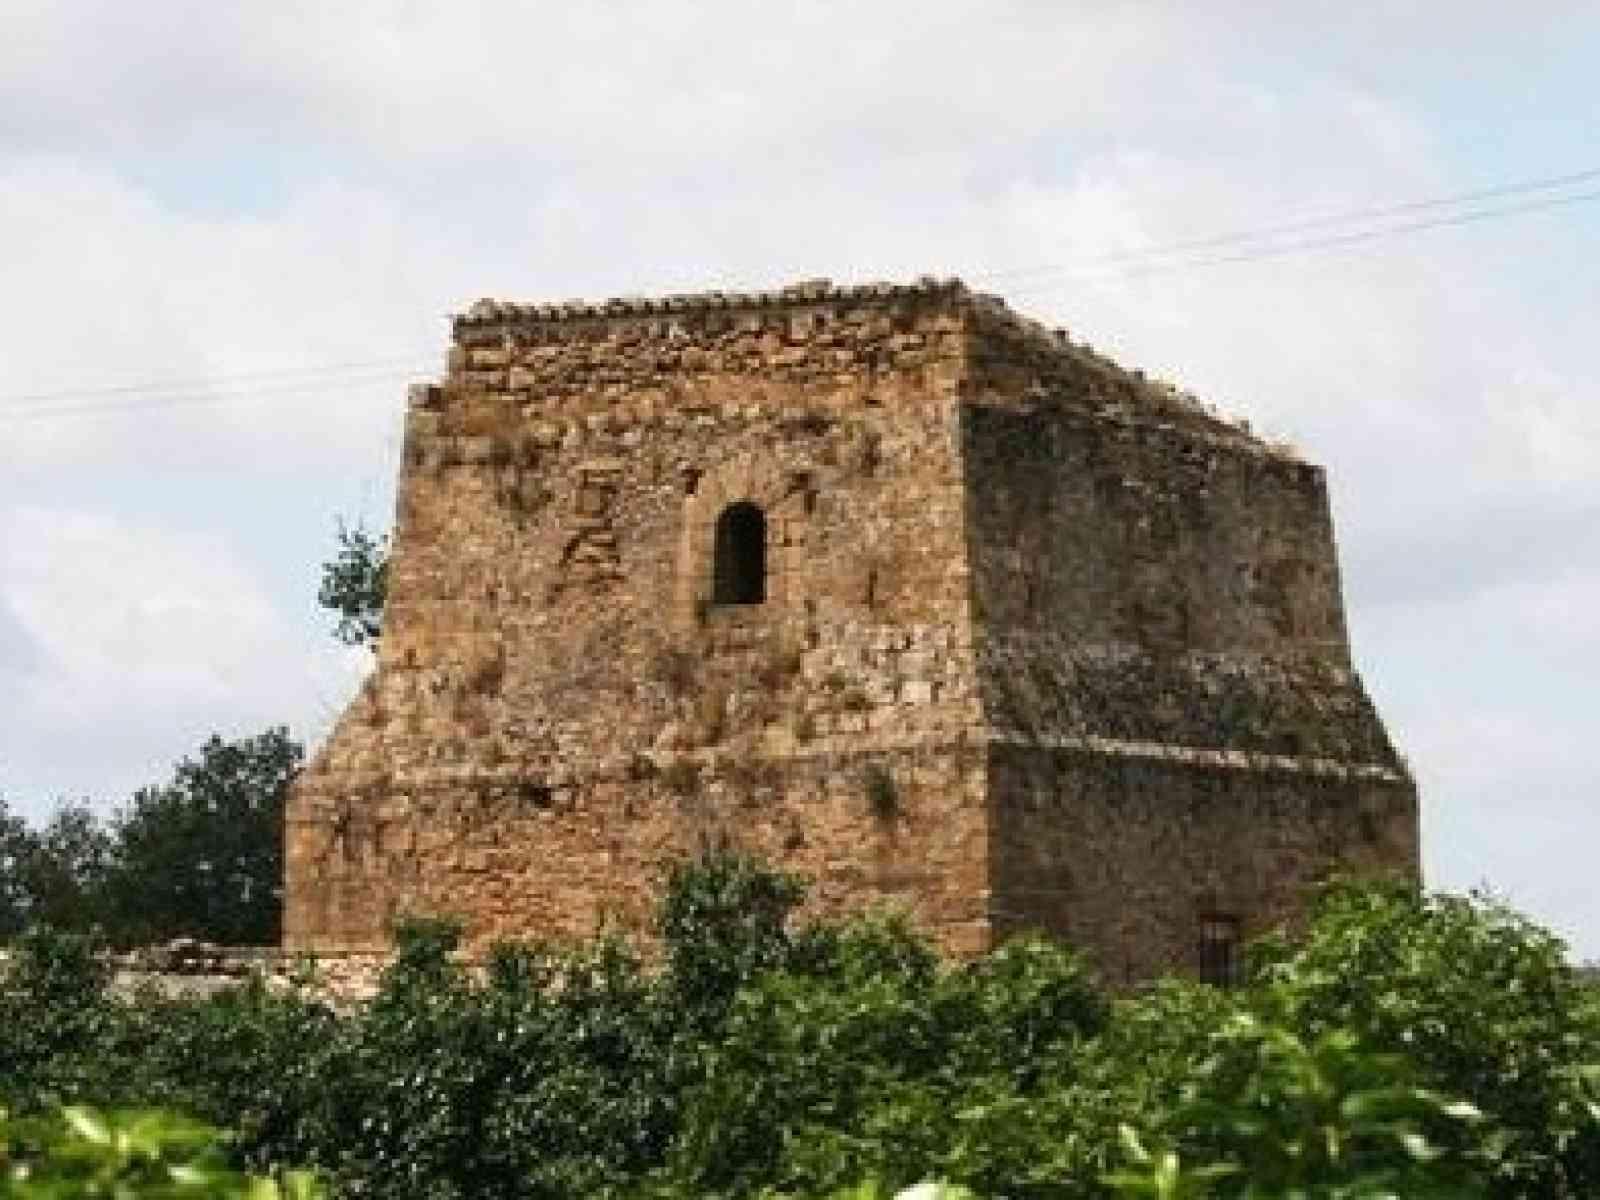 Immagine articolo: Sambuca si appresta a festeggiare la Madonna dell'Udienza. Quando nel 1575 fece una importante scoperta nella torre di Cellaro